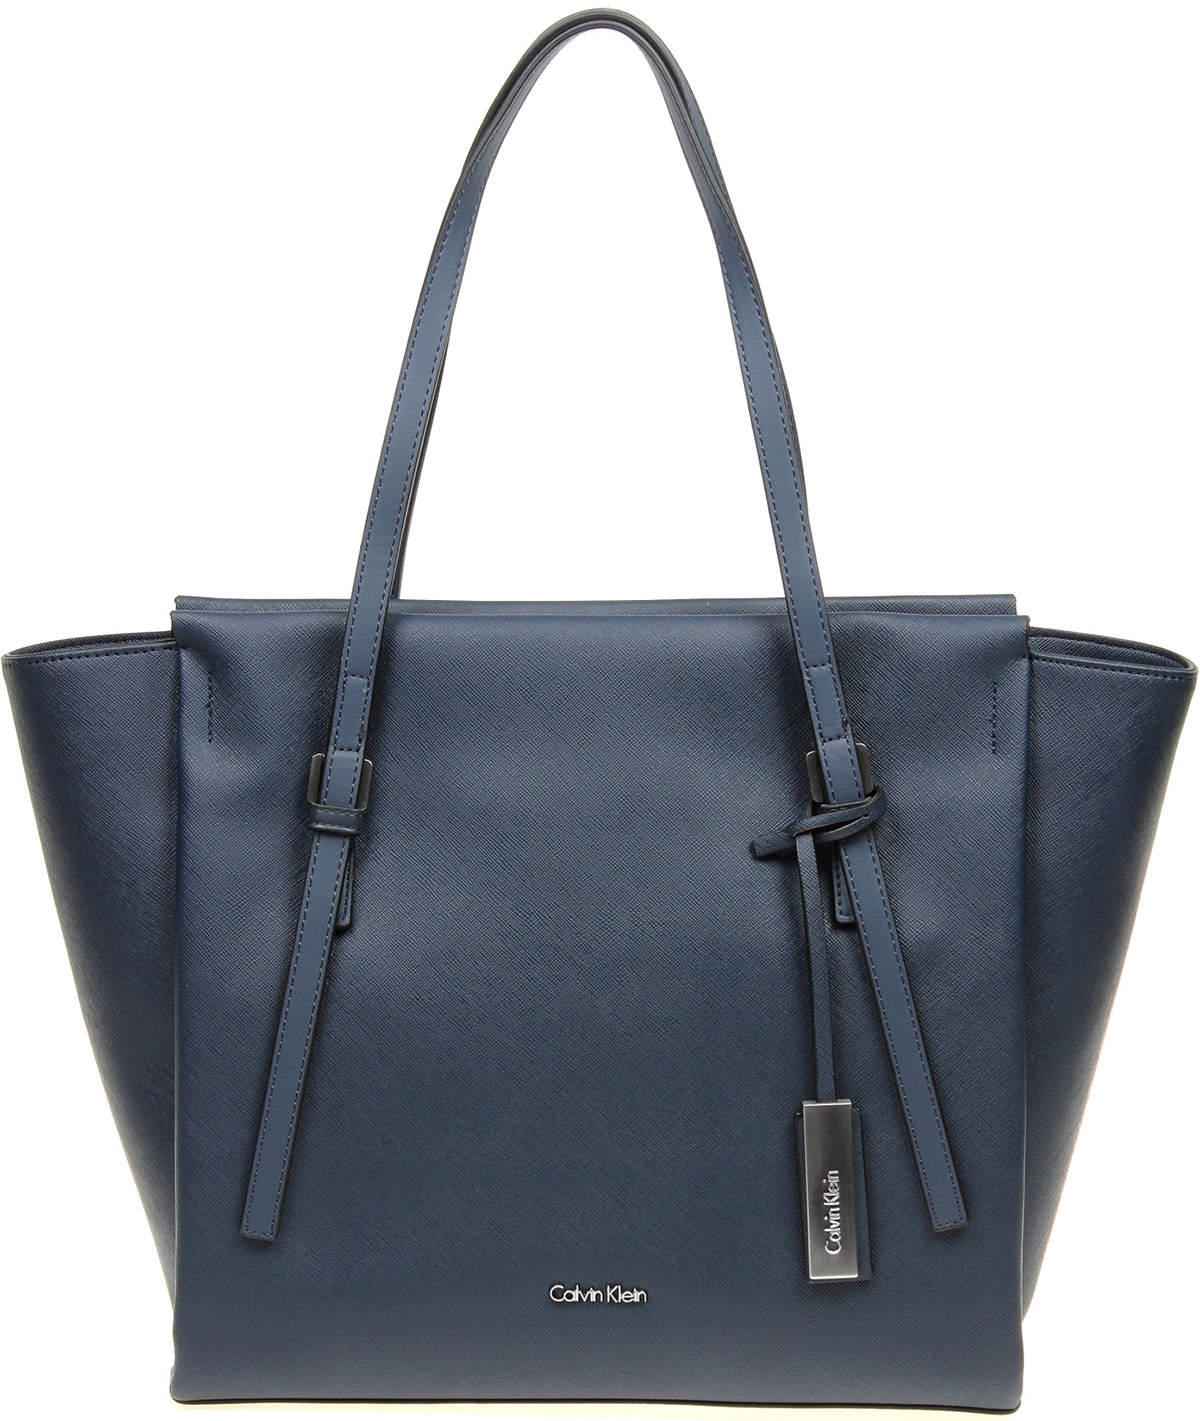 181a207668 Calvin Klein Marissa női válltáska - Reálszisztéma Menedzser Shopok  webáruháza